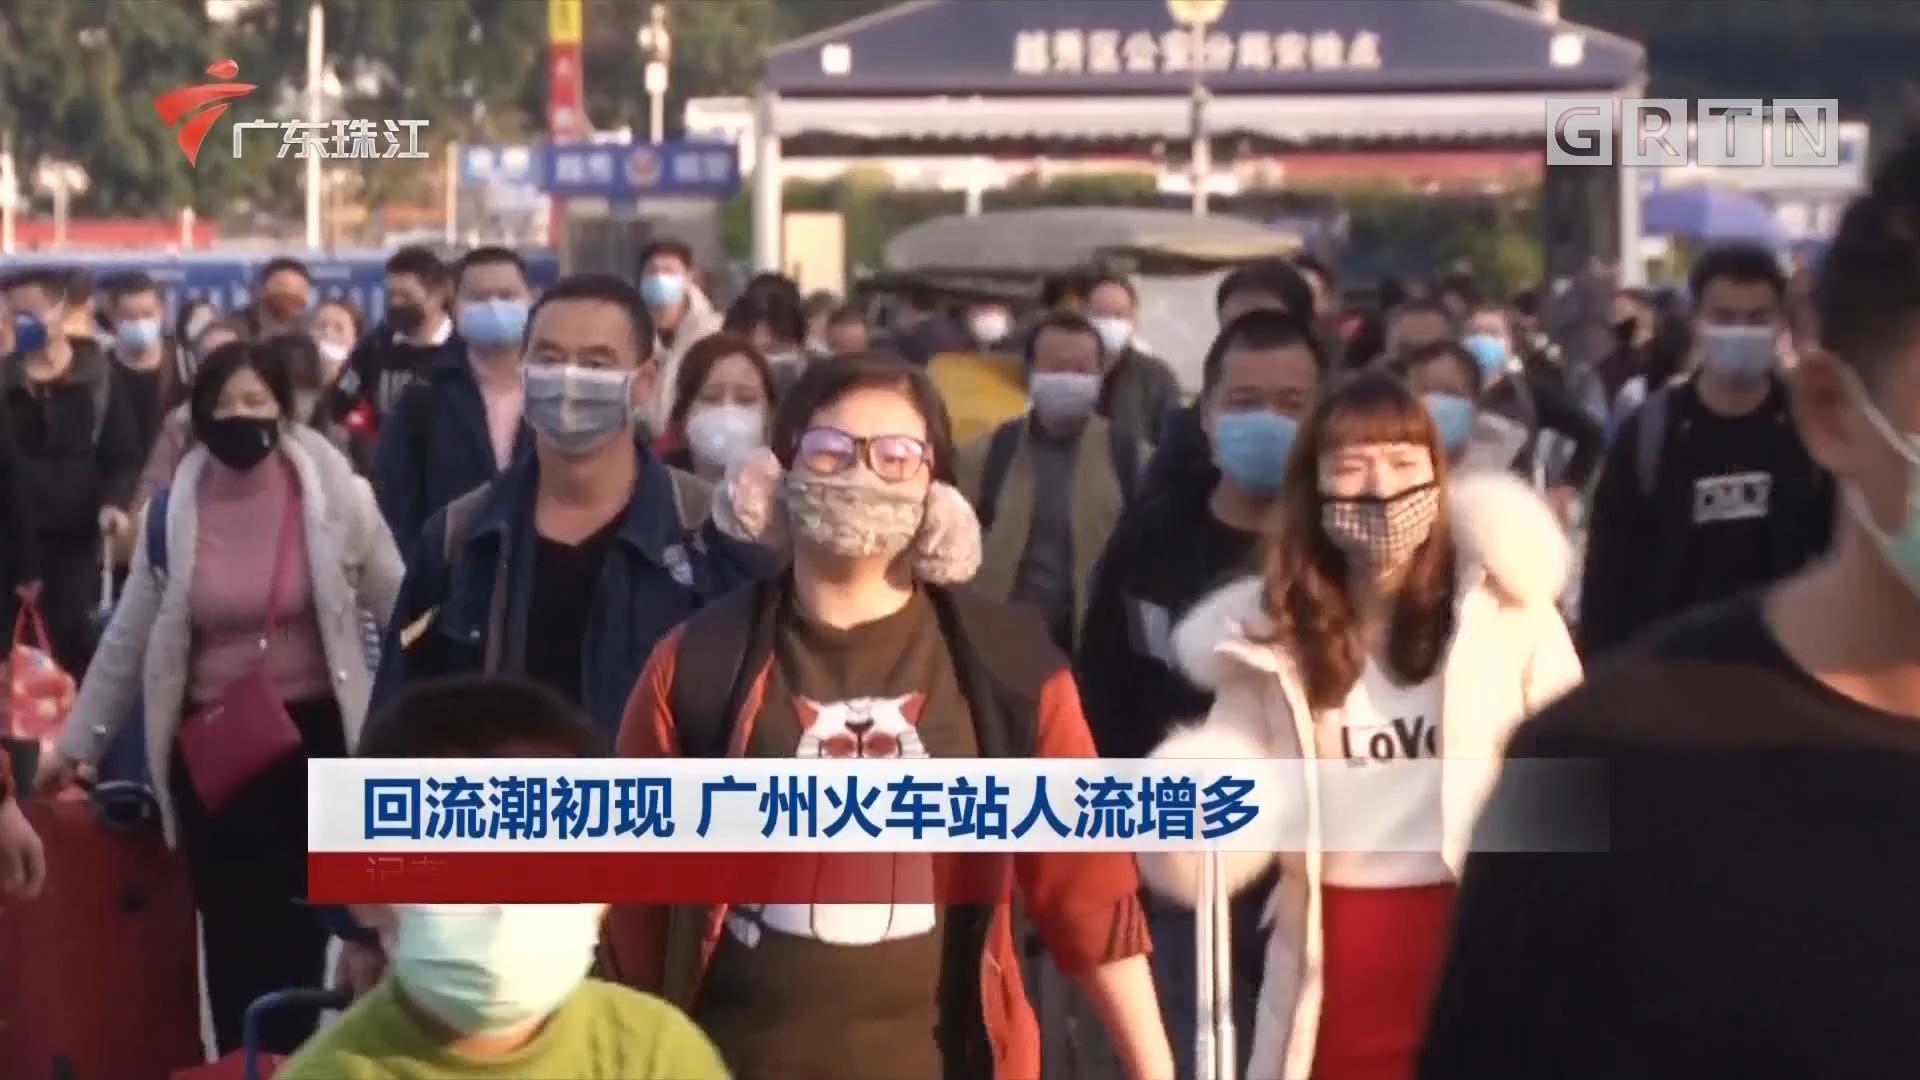 回流潮初现 广州火车站人流增多